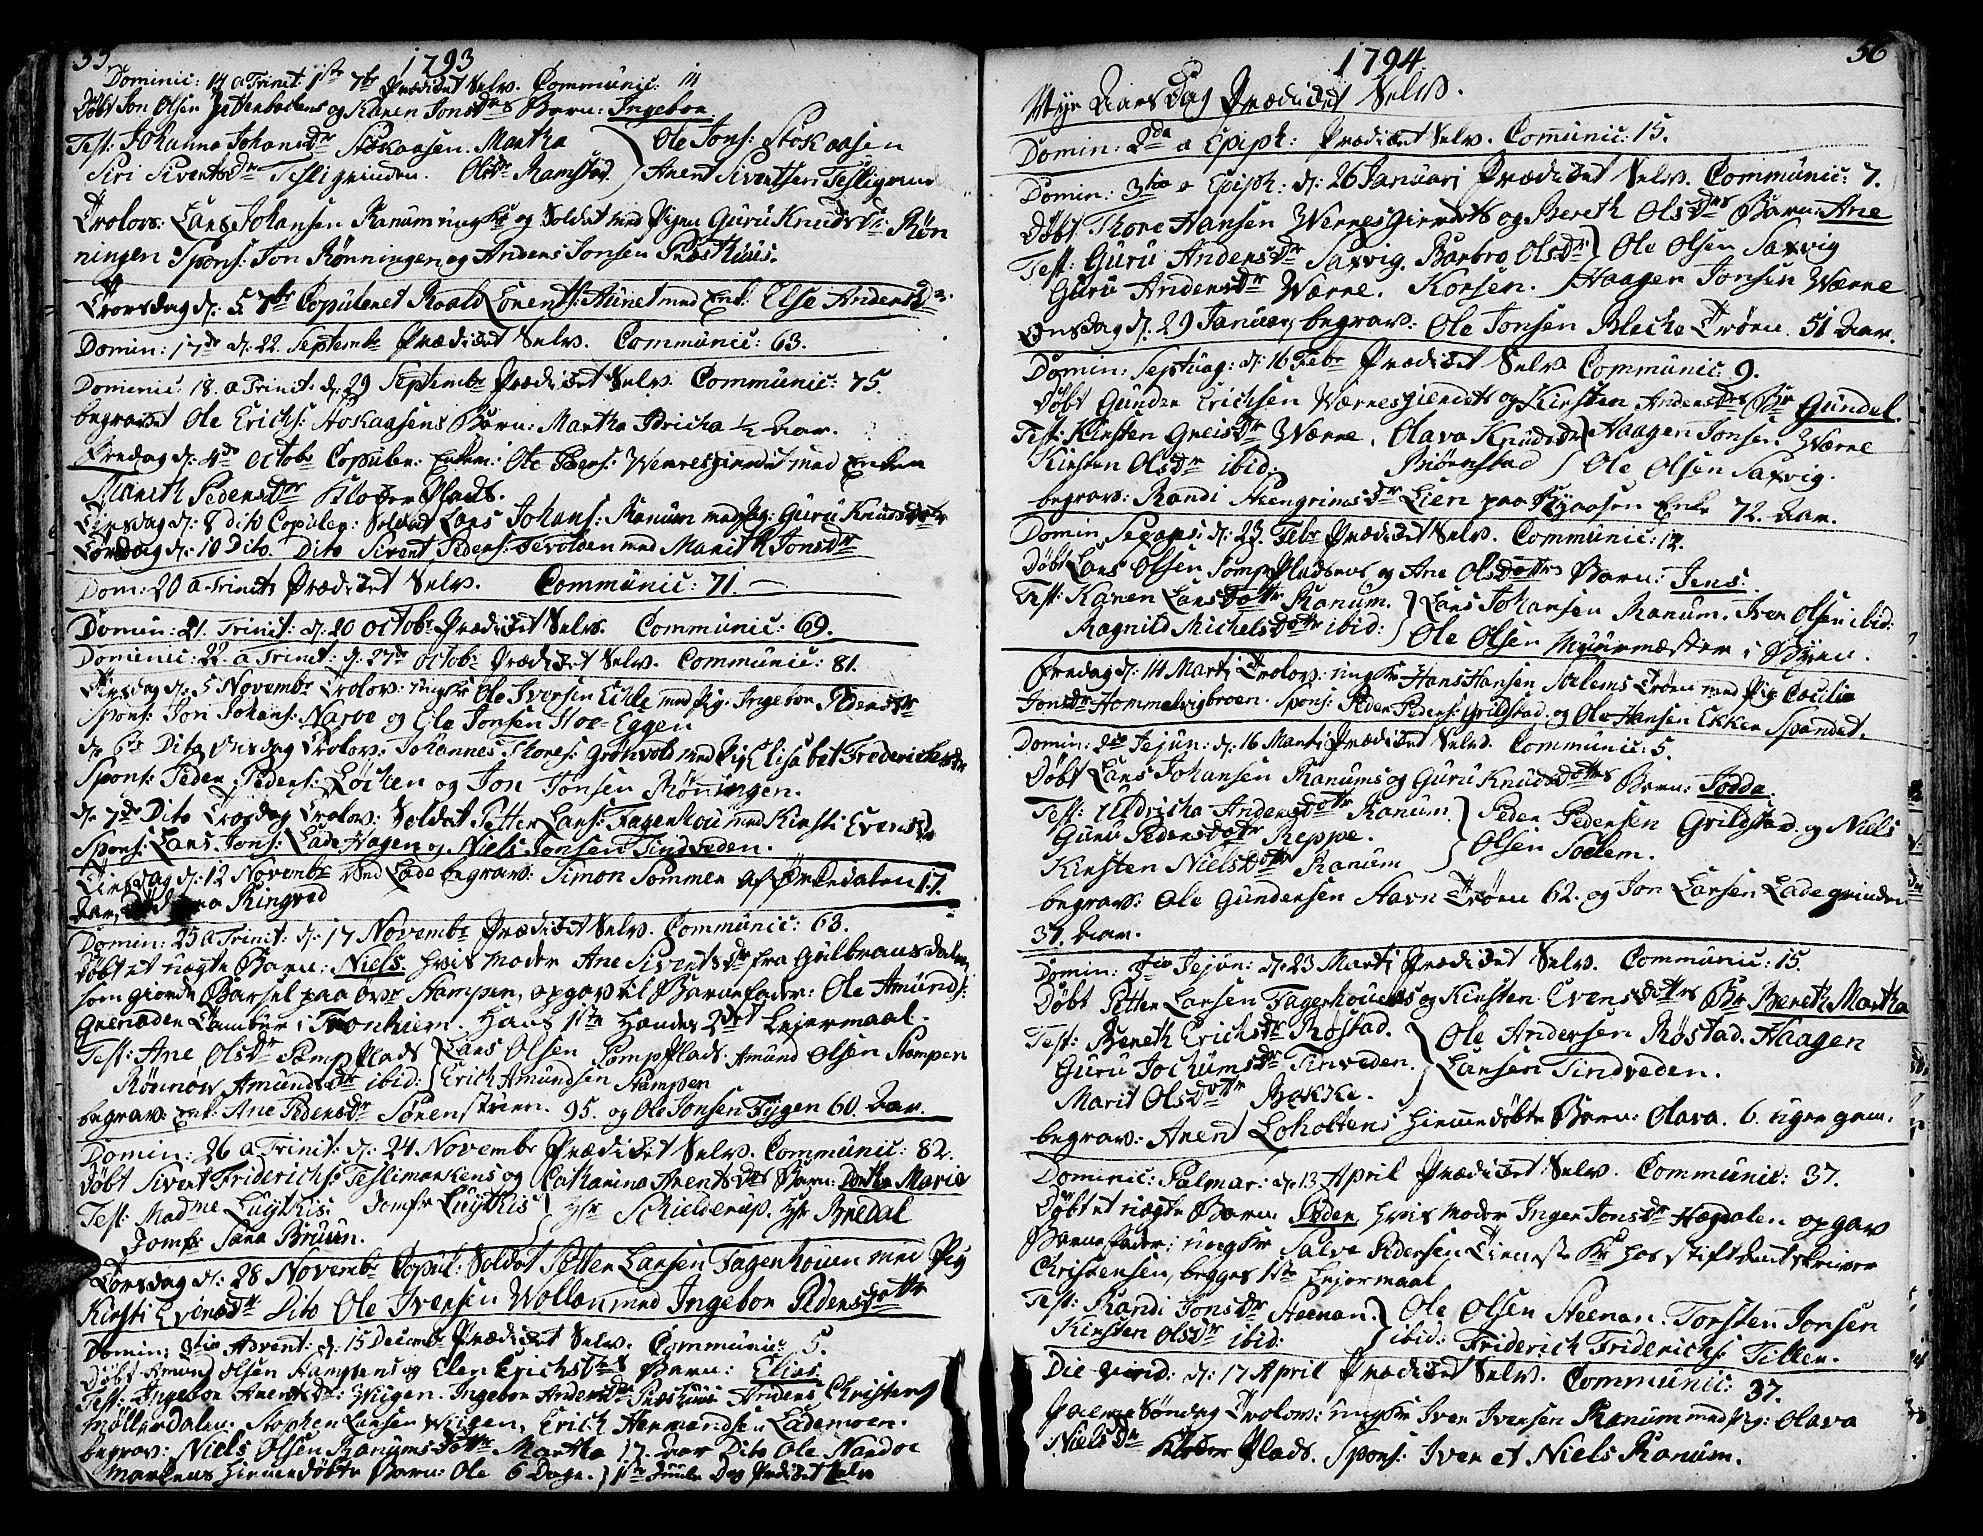 SAT, Ministerialprotokoller, klokkerbøker og fødselsregistre - Sør-Trøndelag, 606/L0280: Ministerialbok nr. 606A02 /1, 1781-1817, s. 55-56